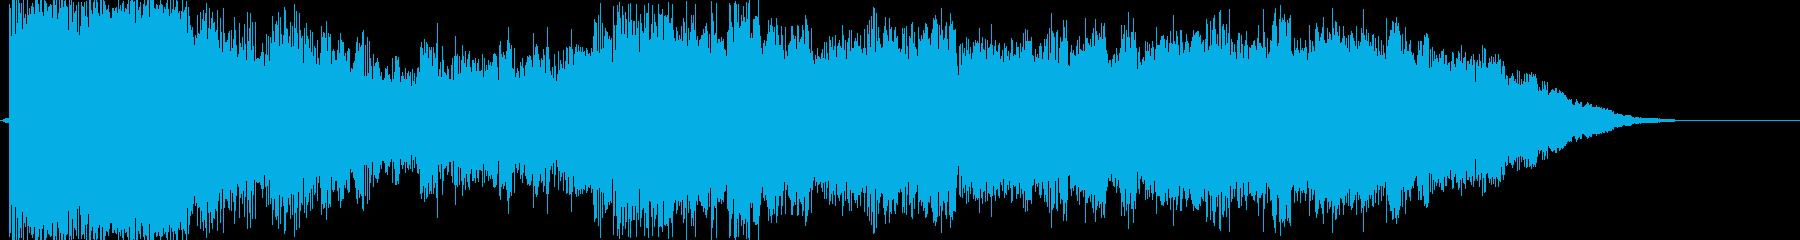 ギューーーン!(パワーアップする音)の再生済みの波形